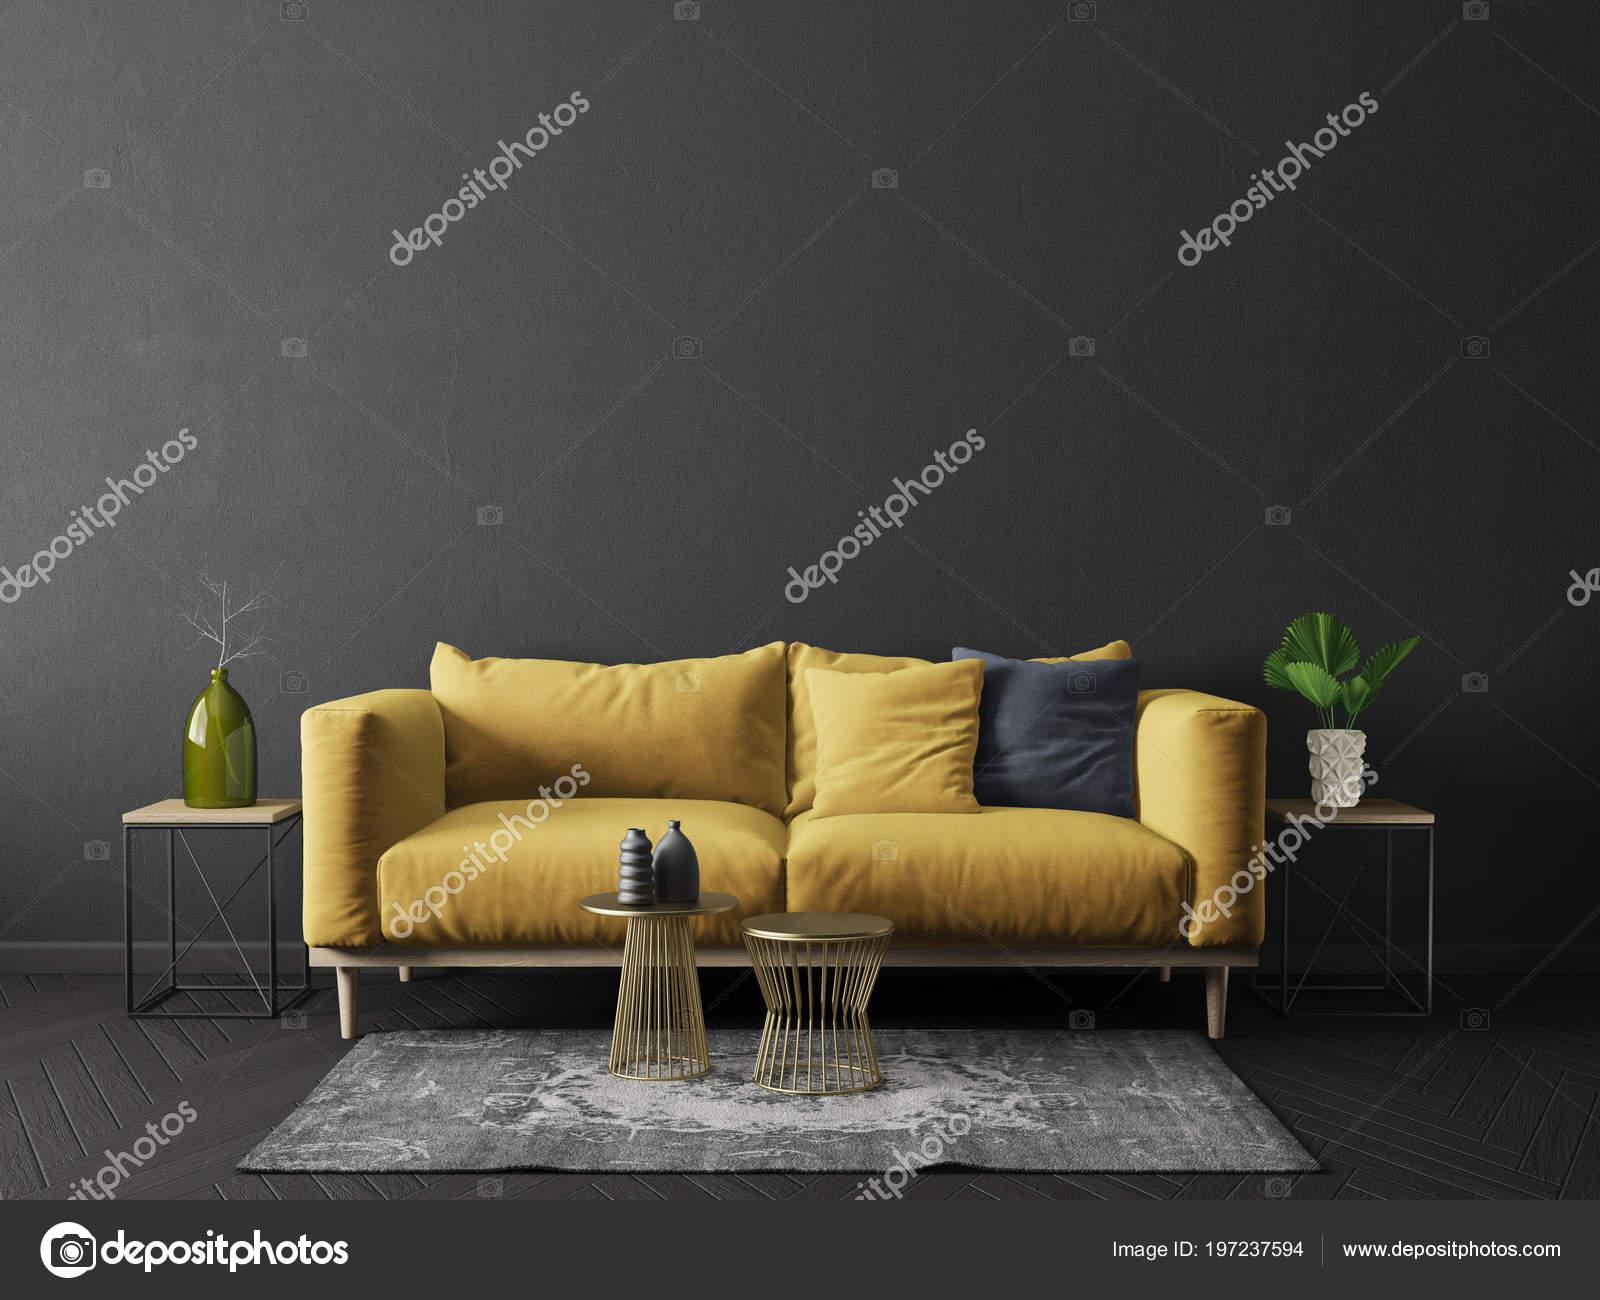 Lieblich Modernes Wohnzimmer Mit Gelben Sofa Schwarzen Raum Skandinavische  Innenarchitektur Möbel U2014 Stockfoto